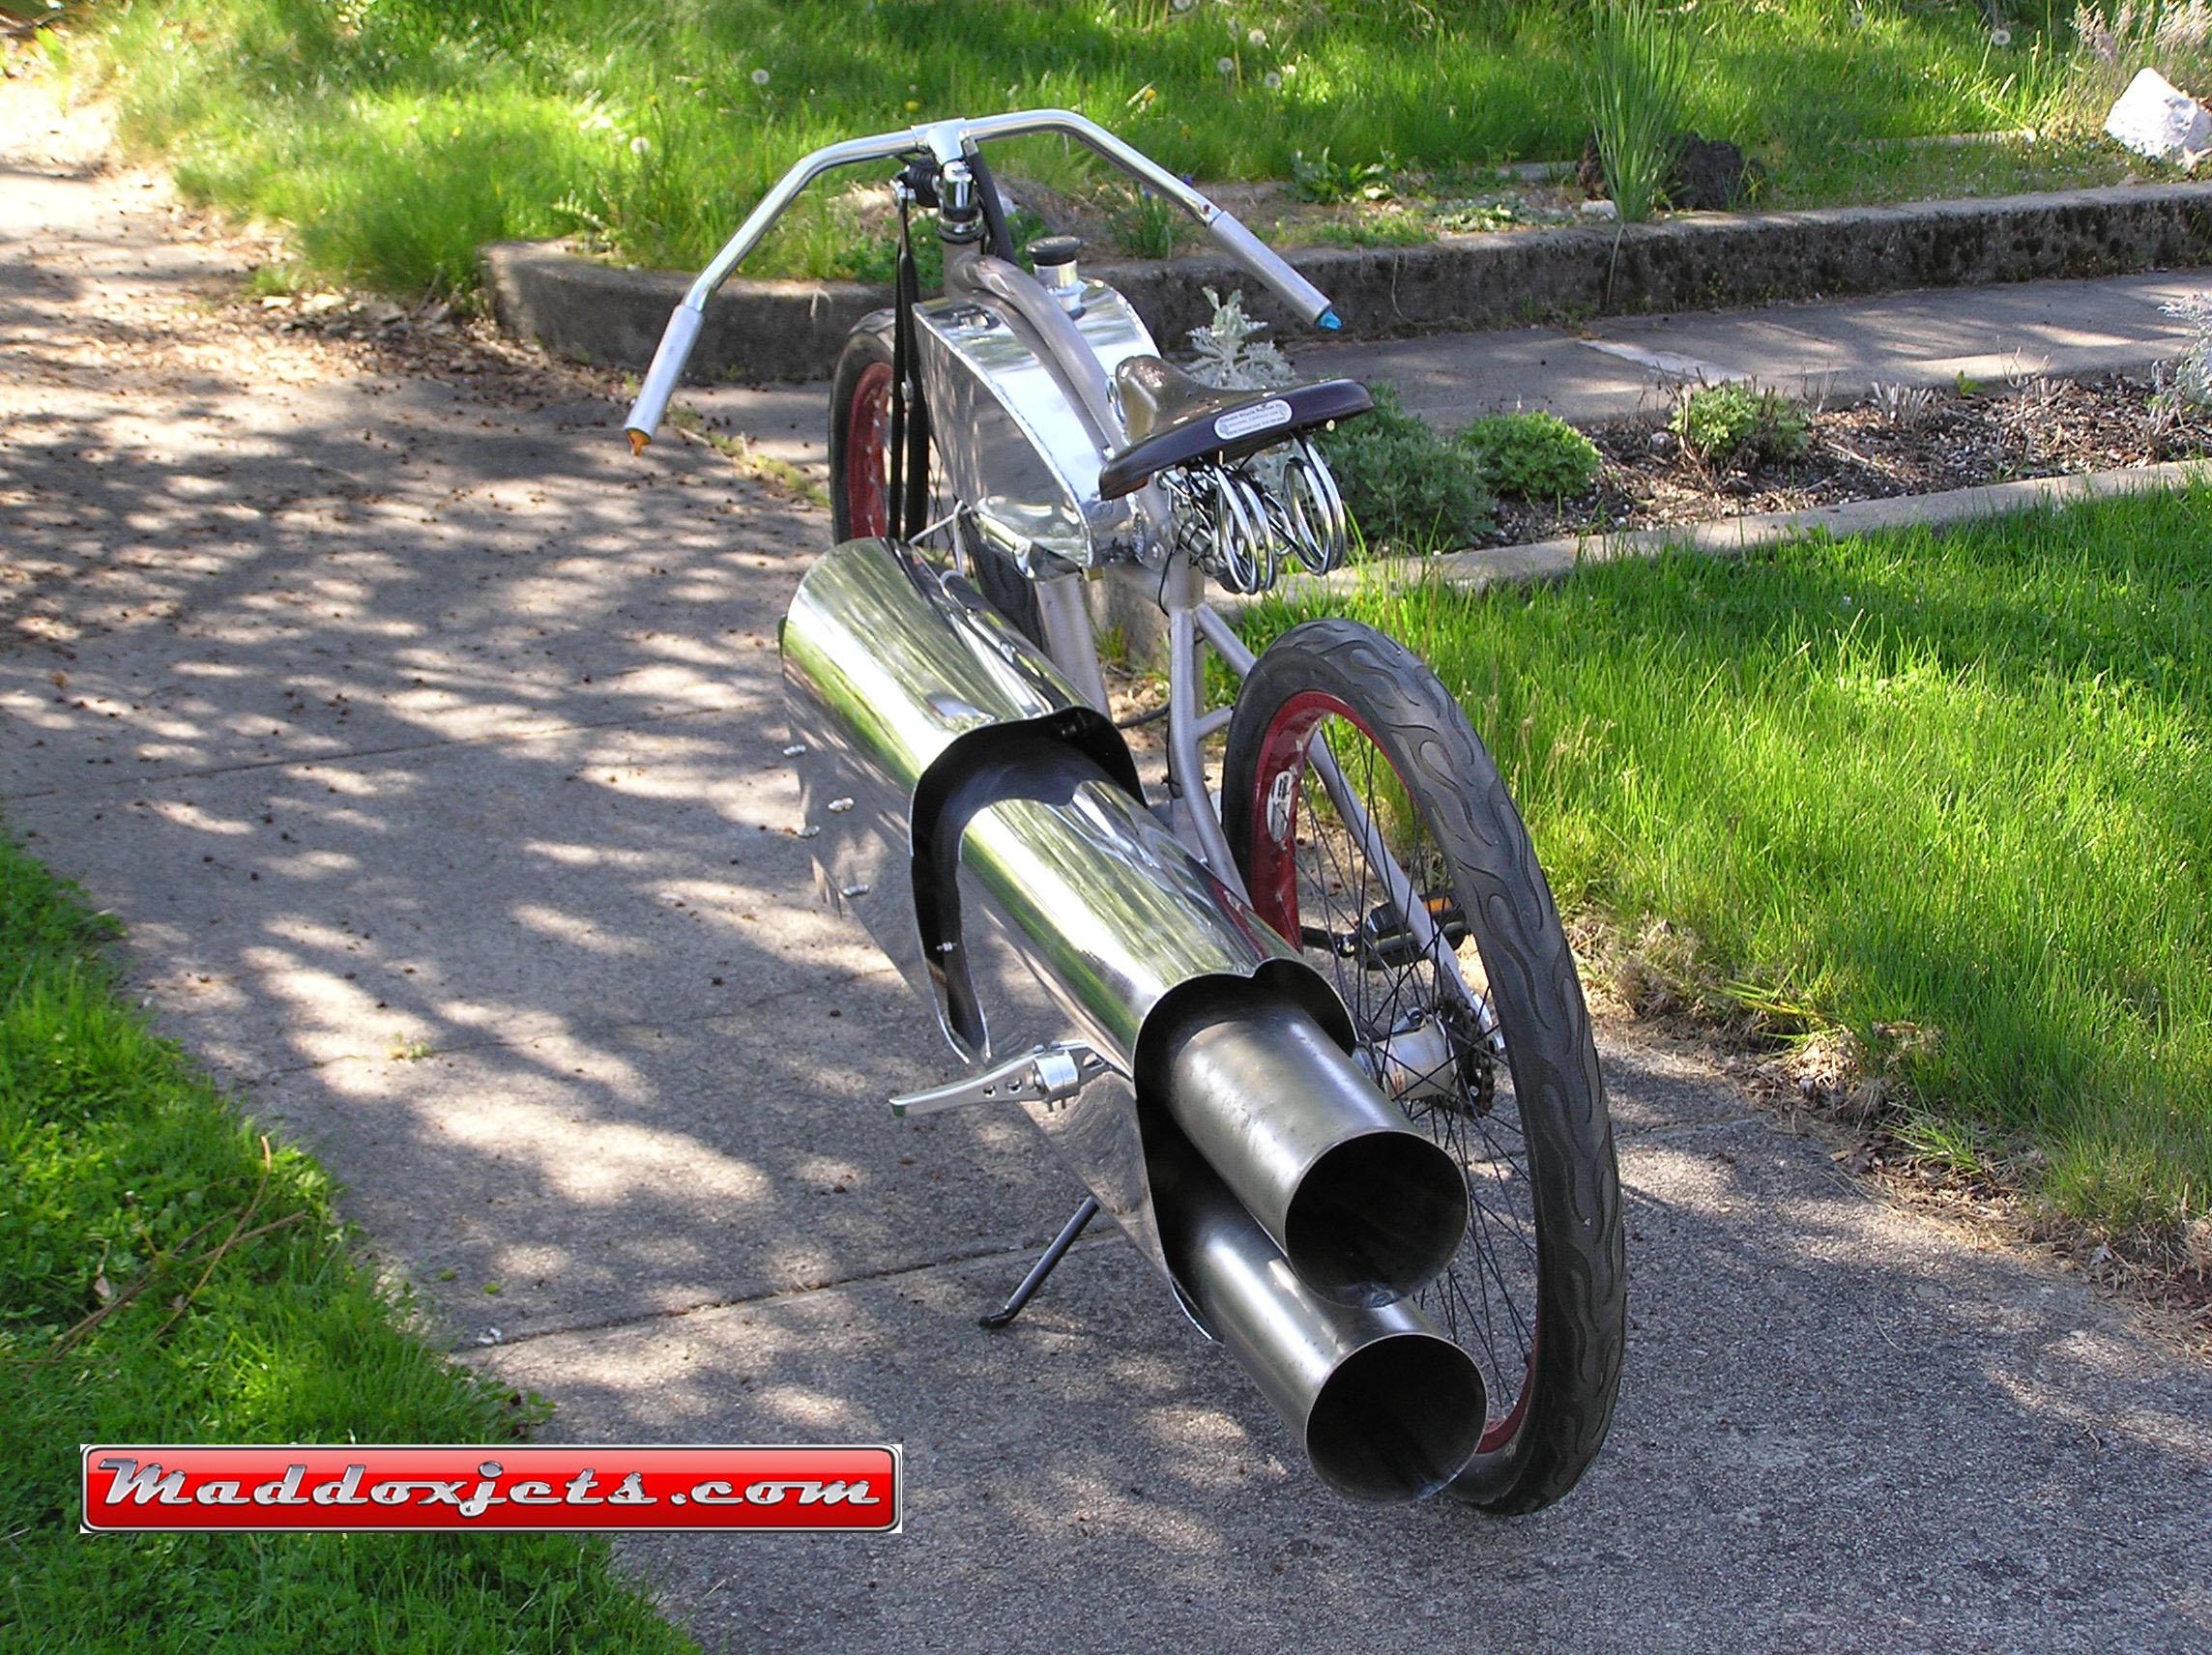 Super Twin Bike 015 Maddoxjets